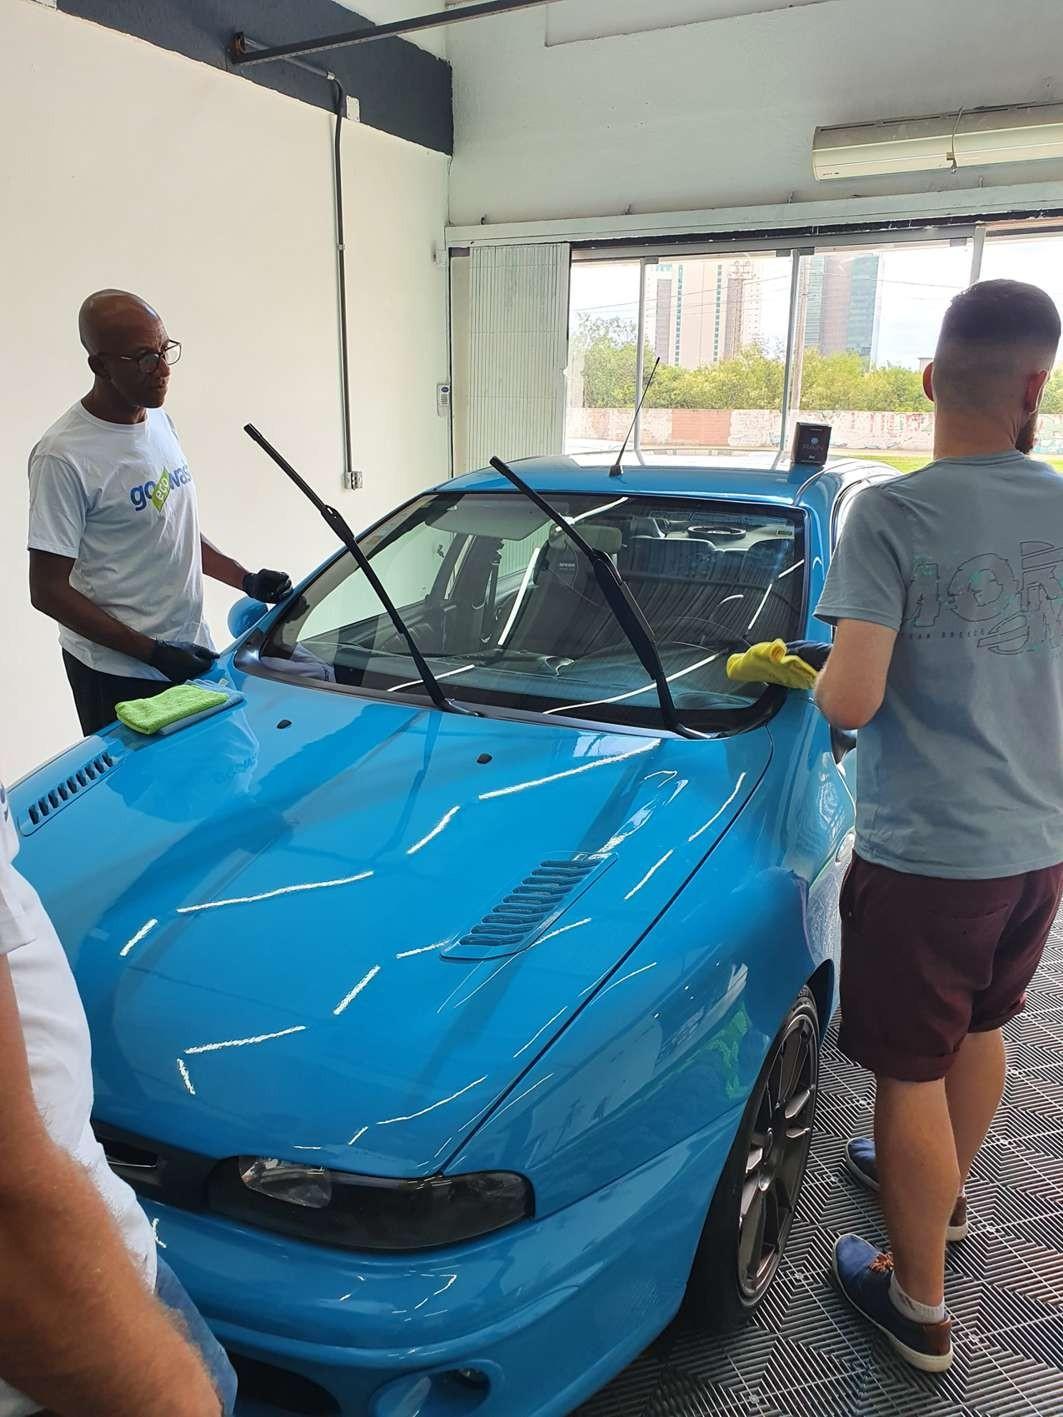 Curso Estética Automotiva + Higienização de Estofados + Lav. Ecológica  - Loja Go Eco Wash